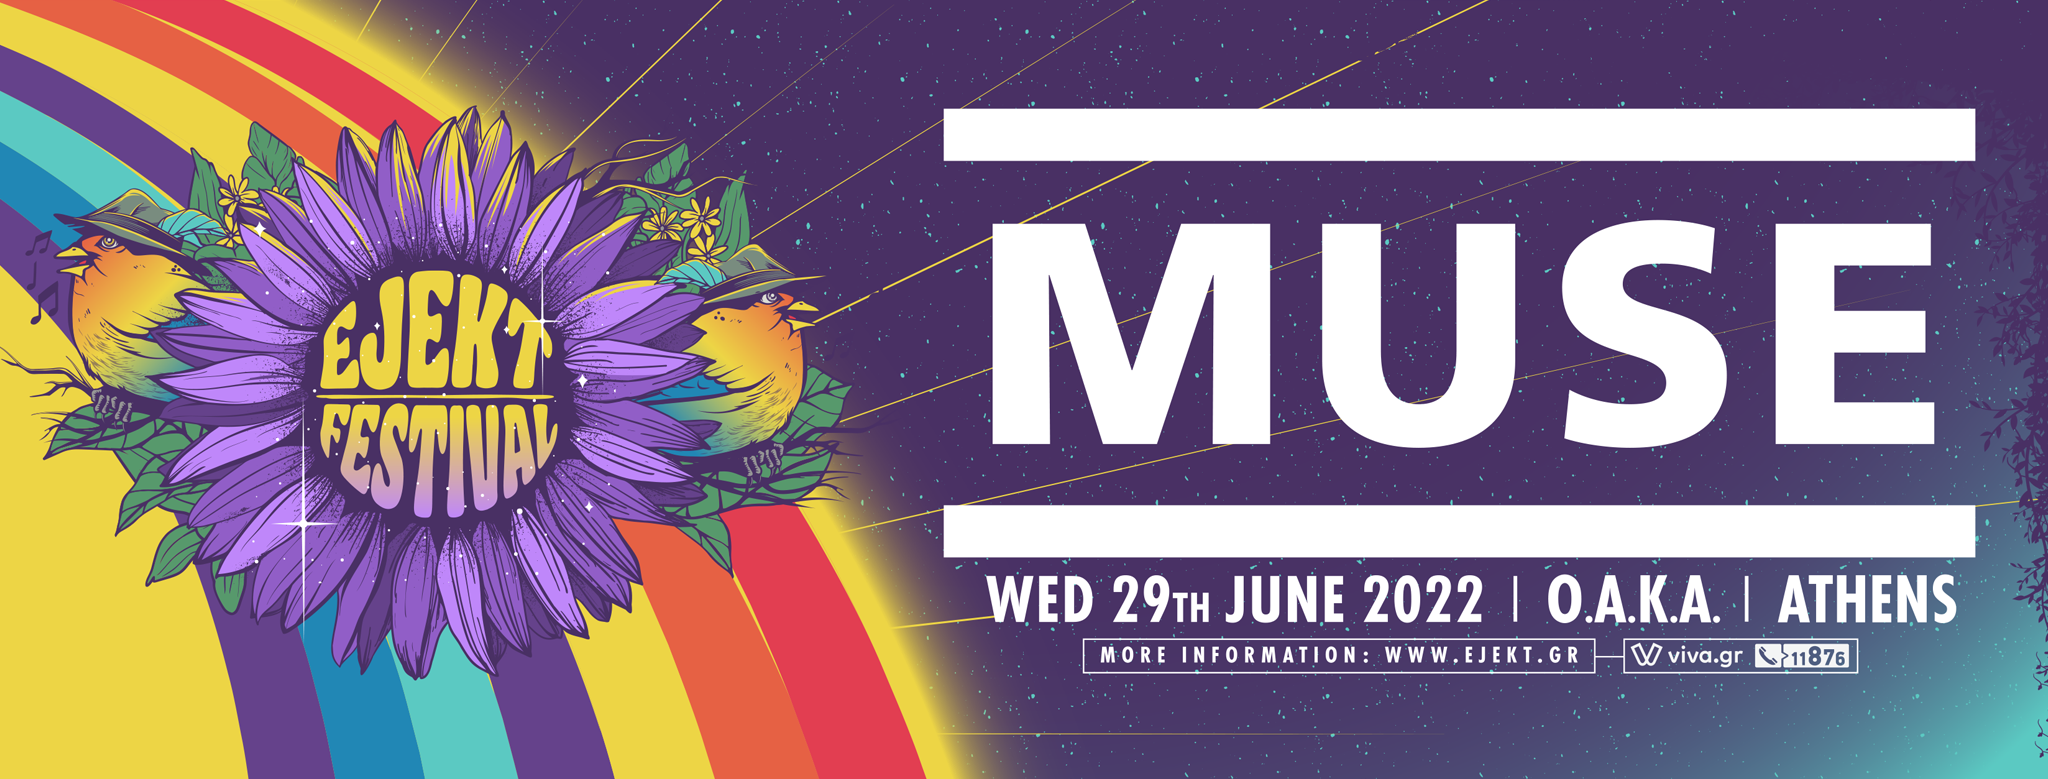 Οι Muse επιστρέφουν στη σκηνή του EJEKT Festival